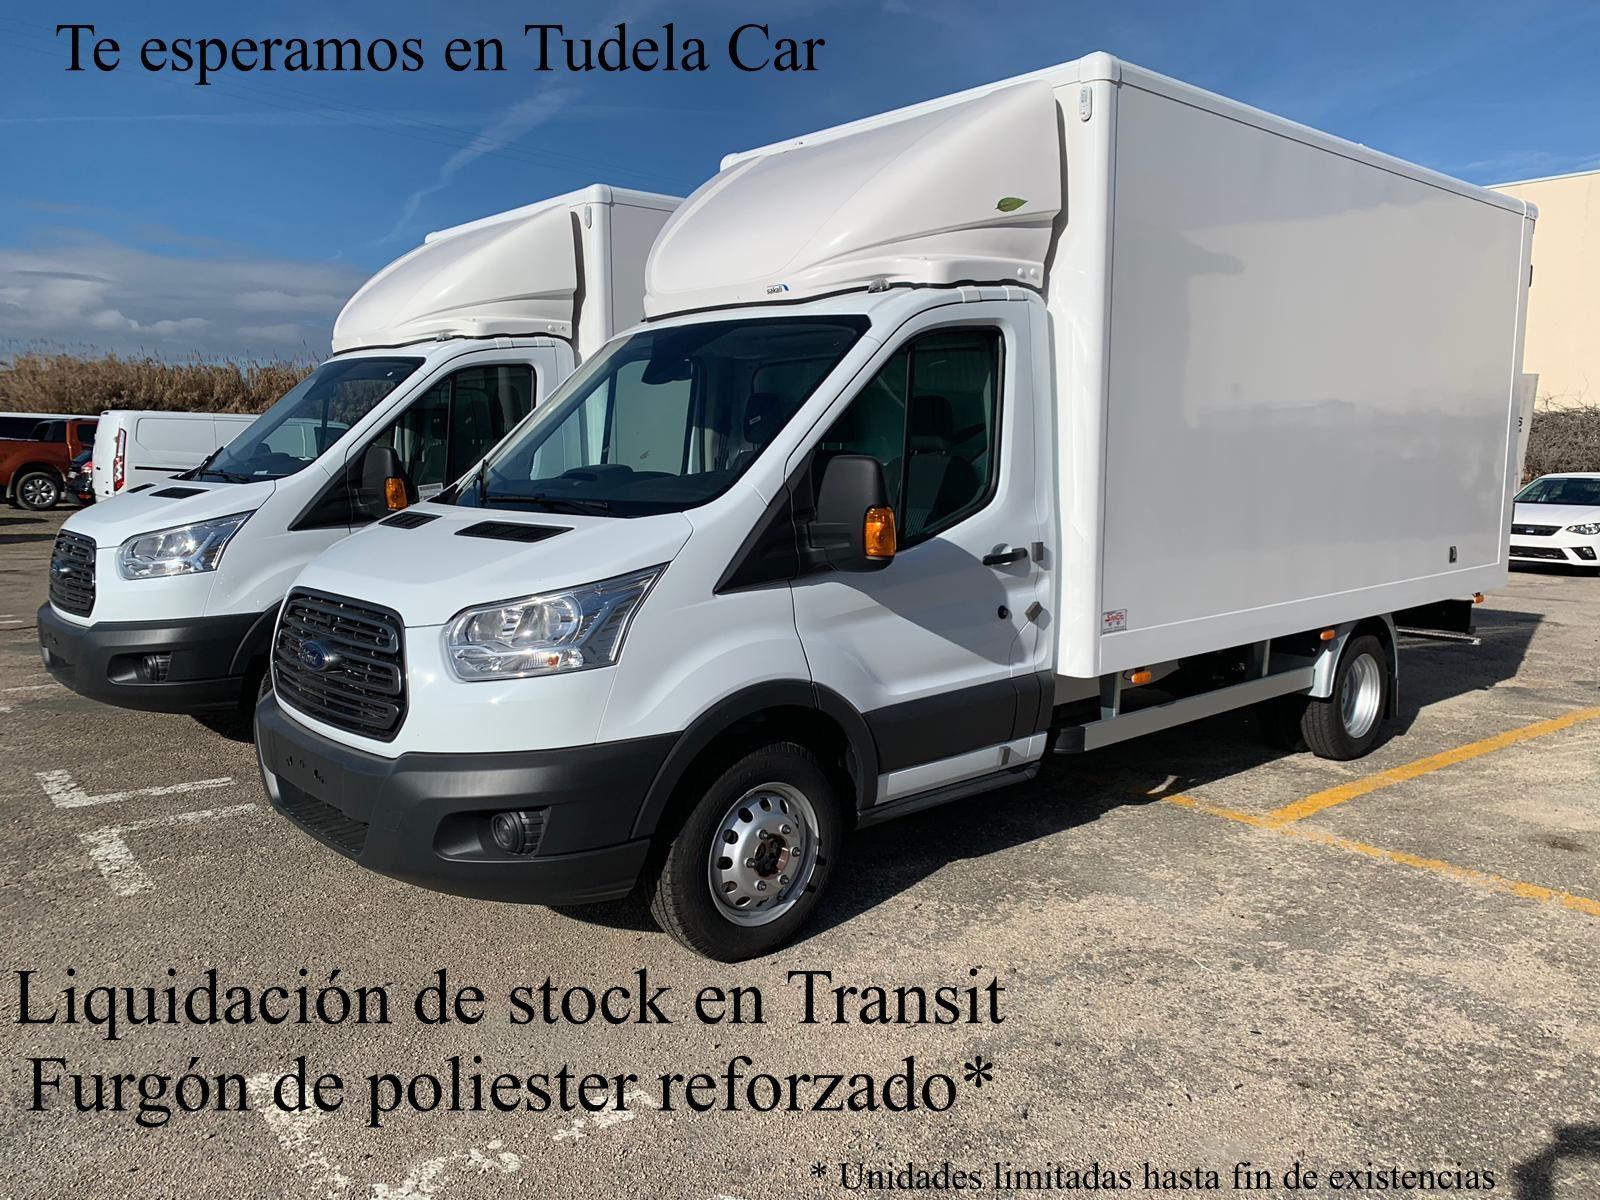 Oferta de liquidación en Ford Transit de poliéster reforzado